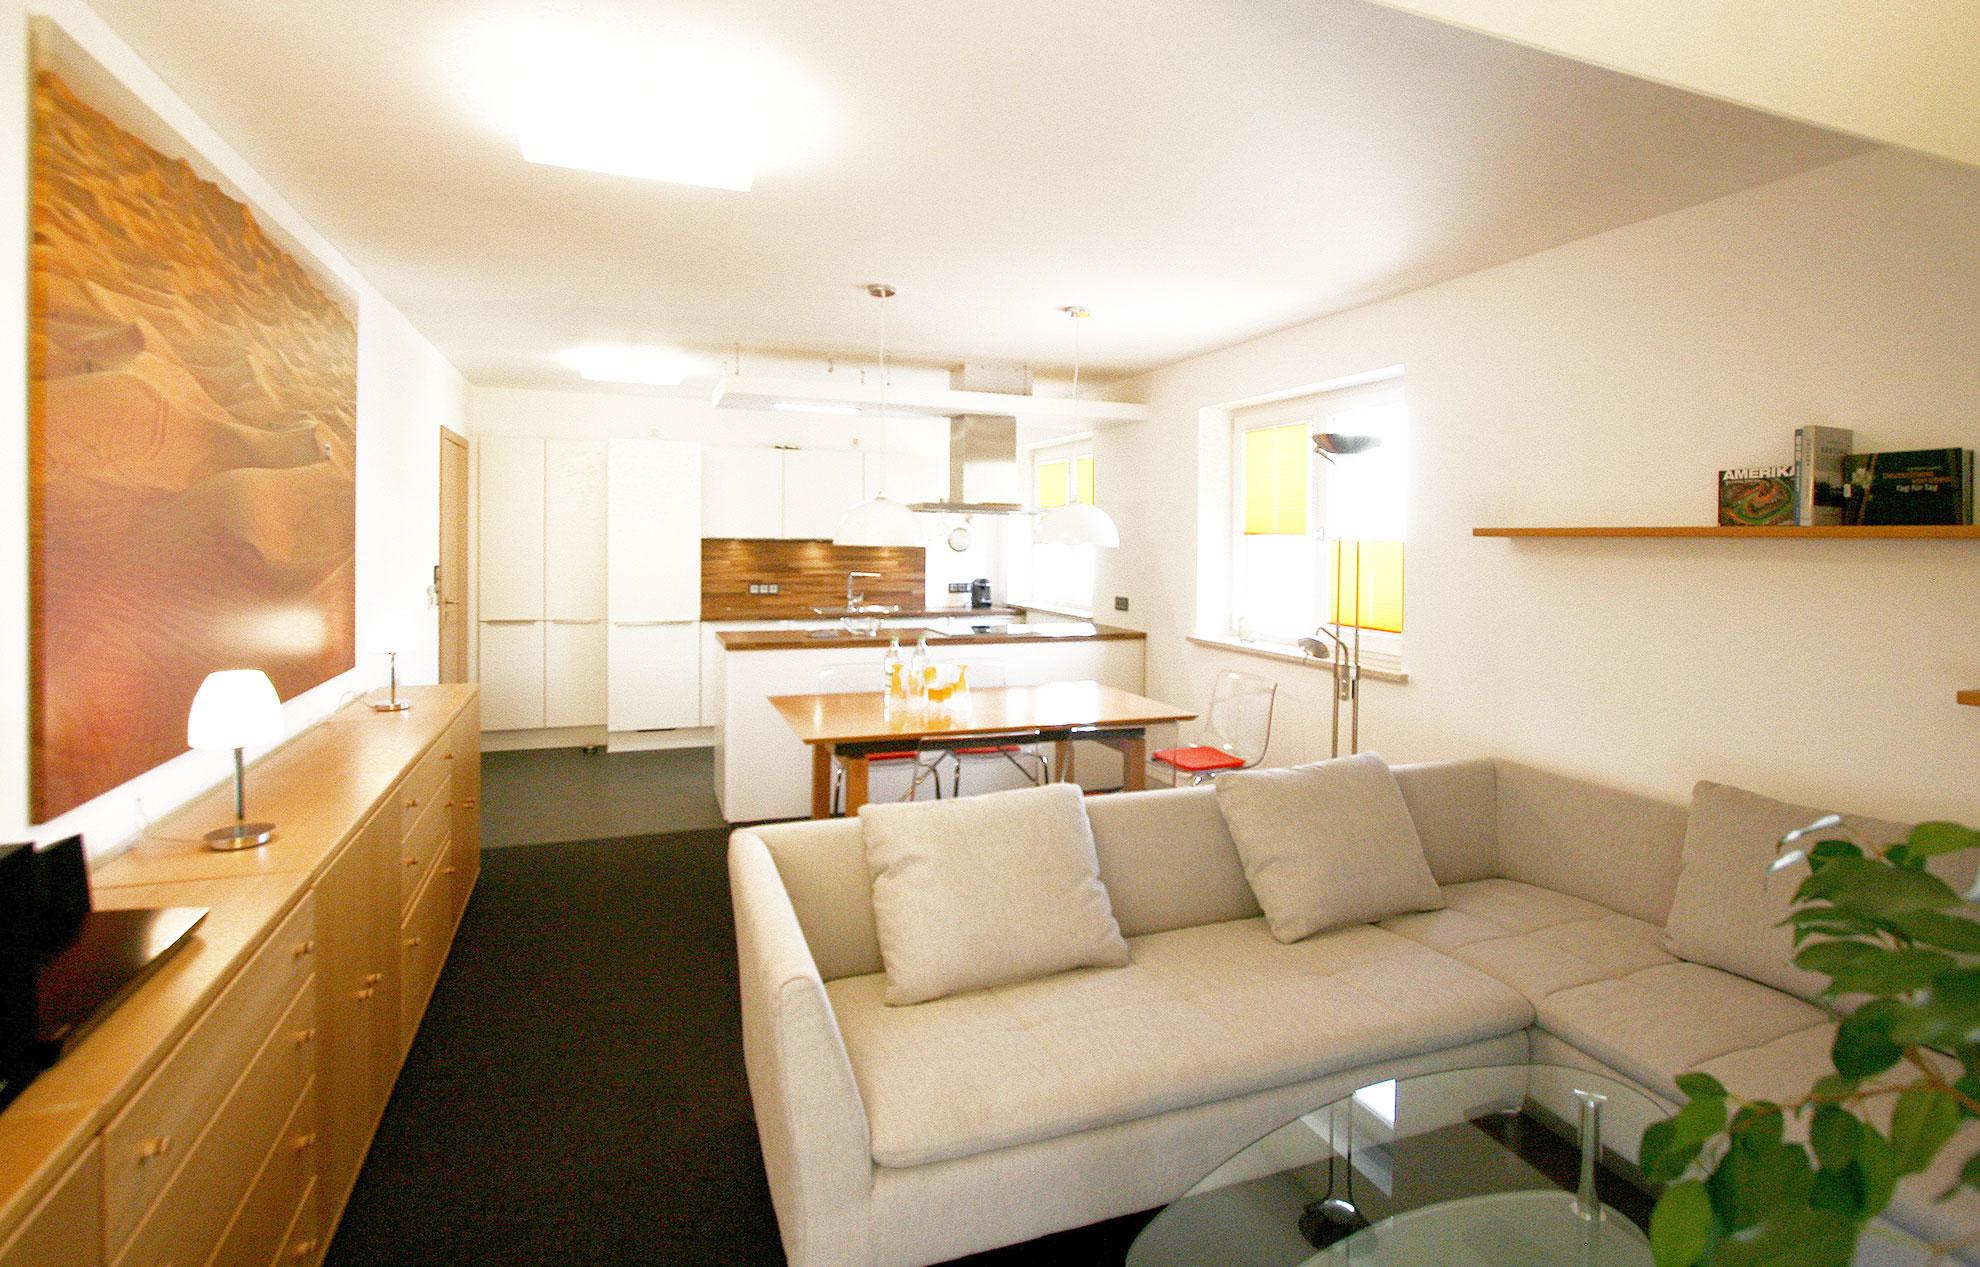 Innenarchitektur-München-Neugestaltung-Möbel-Wohnung-7